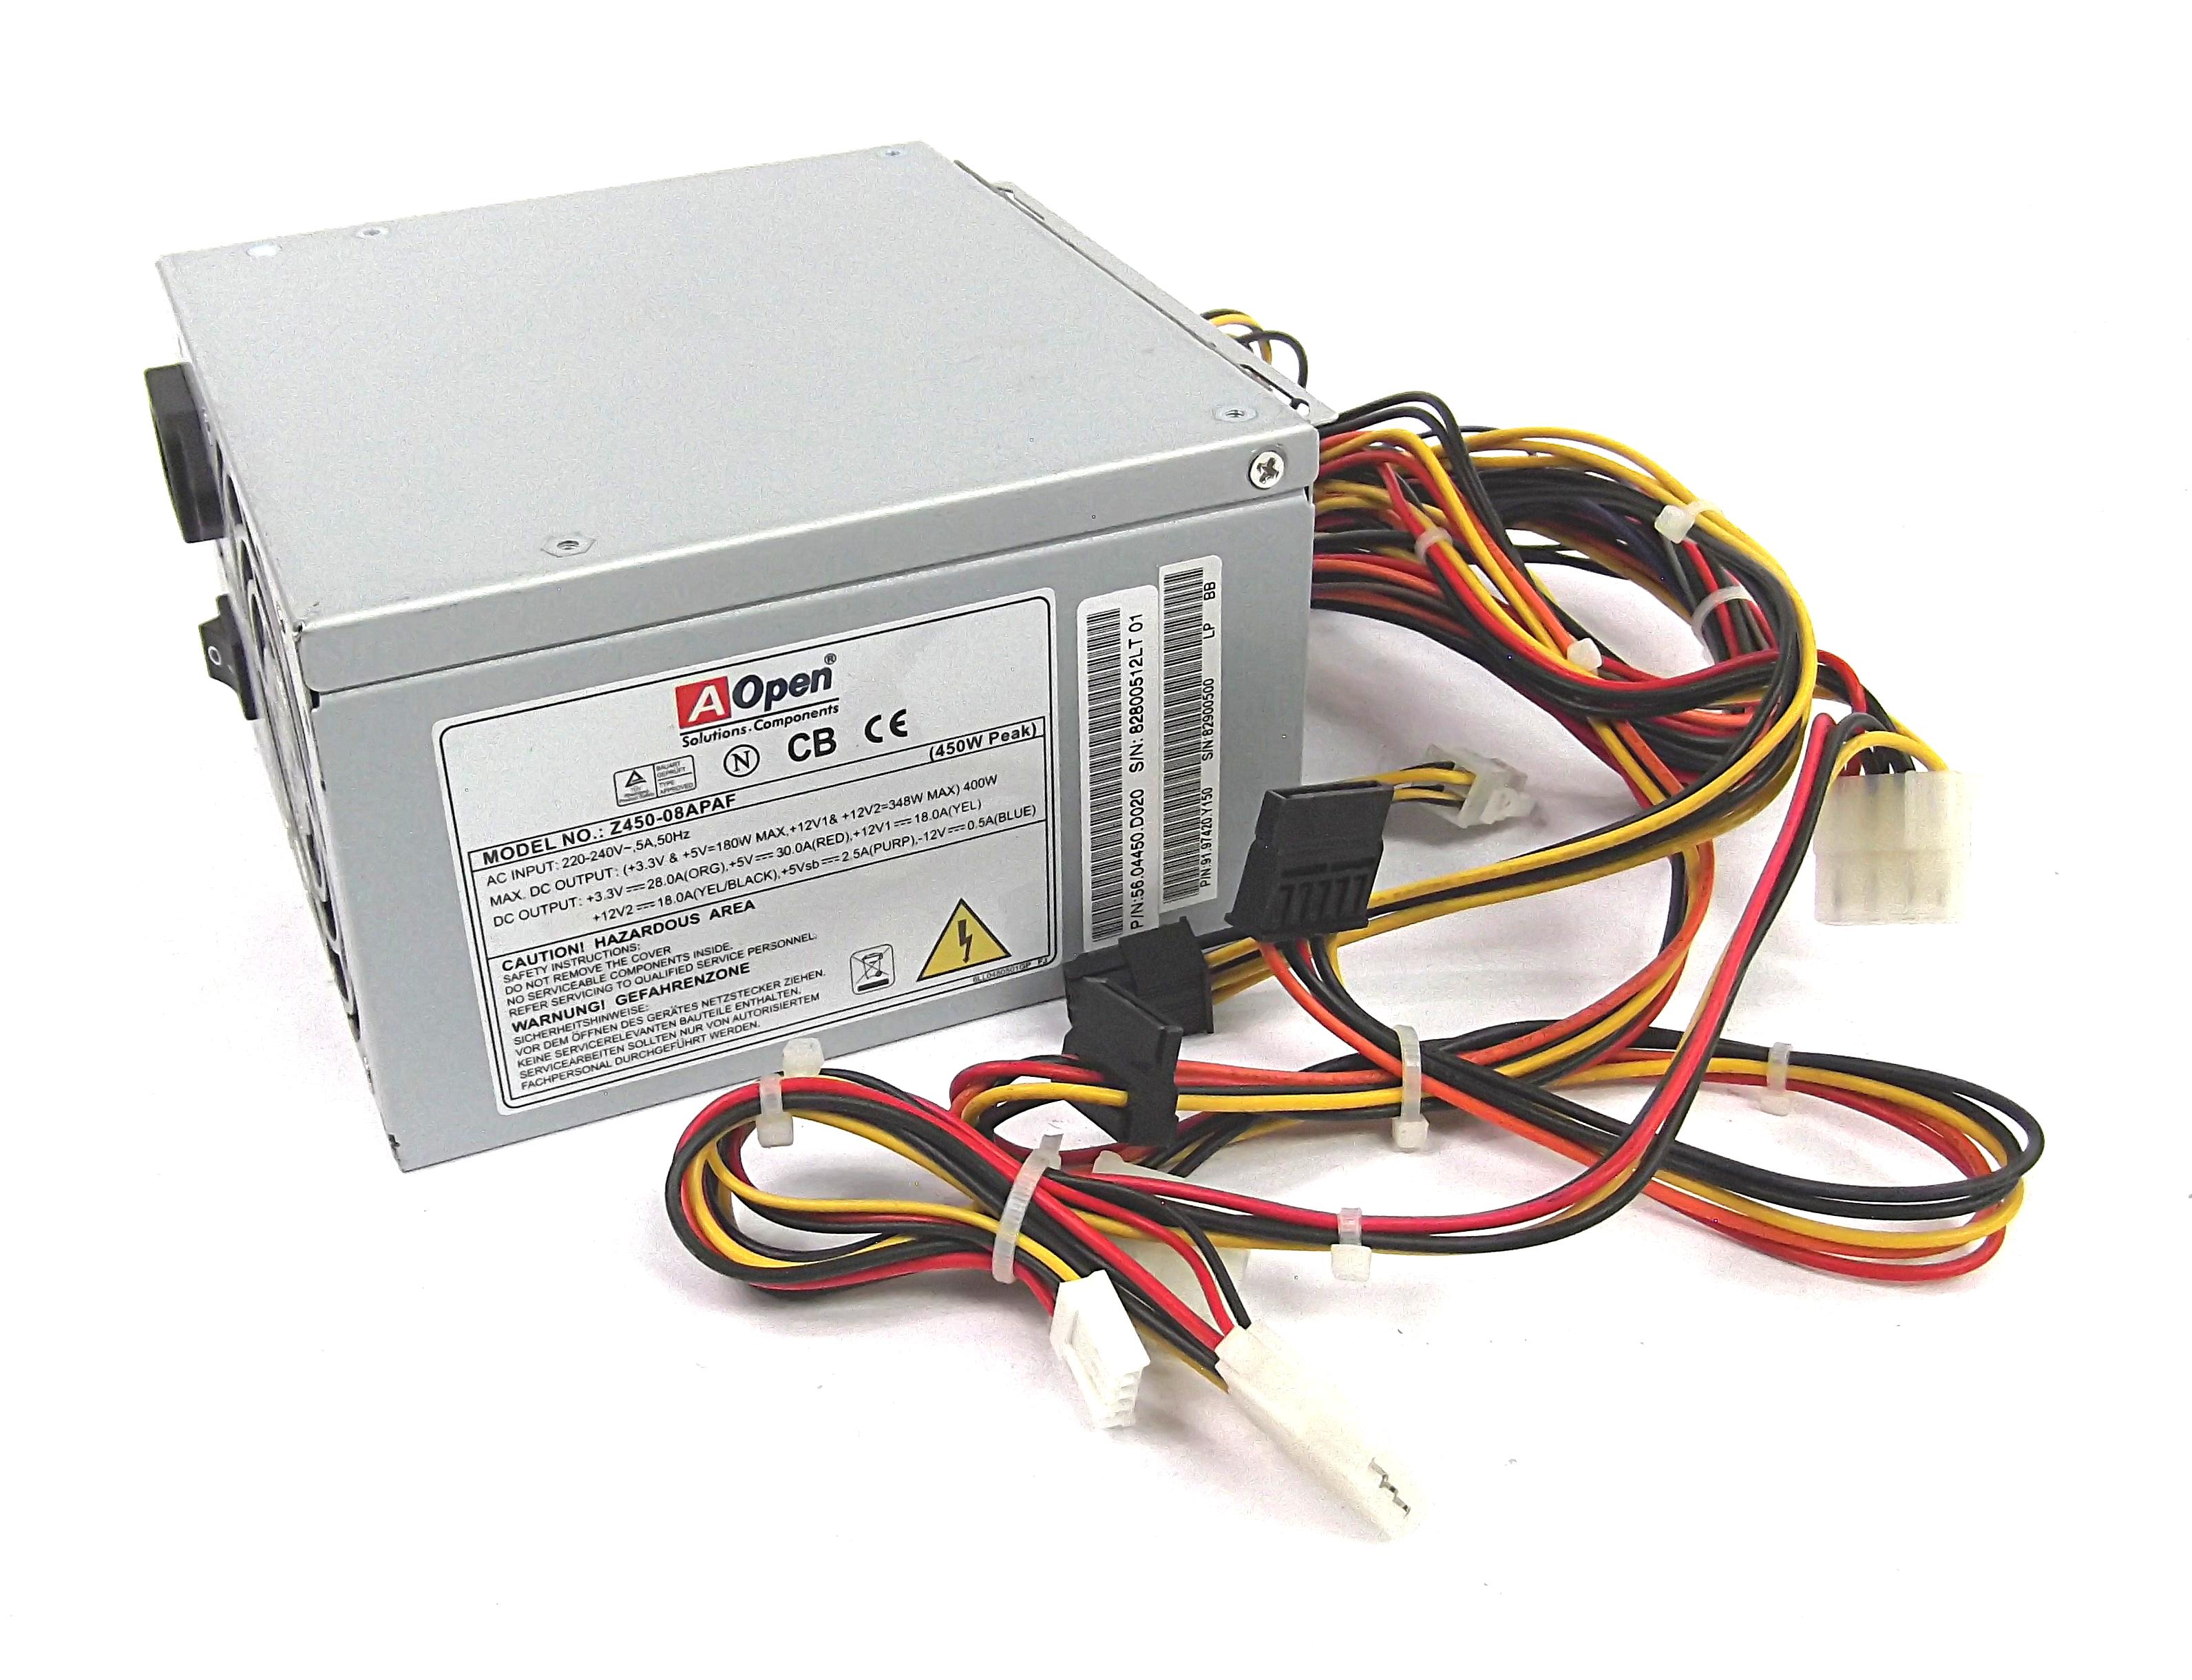 AOpen Z450-08APAF 450W 20/24pin ATX Power Supply - P/N 56.04450.D020 ...